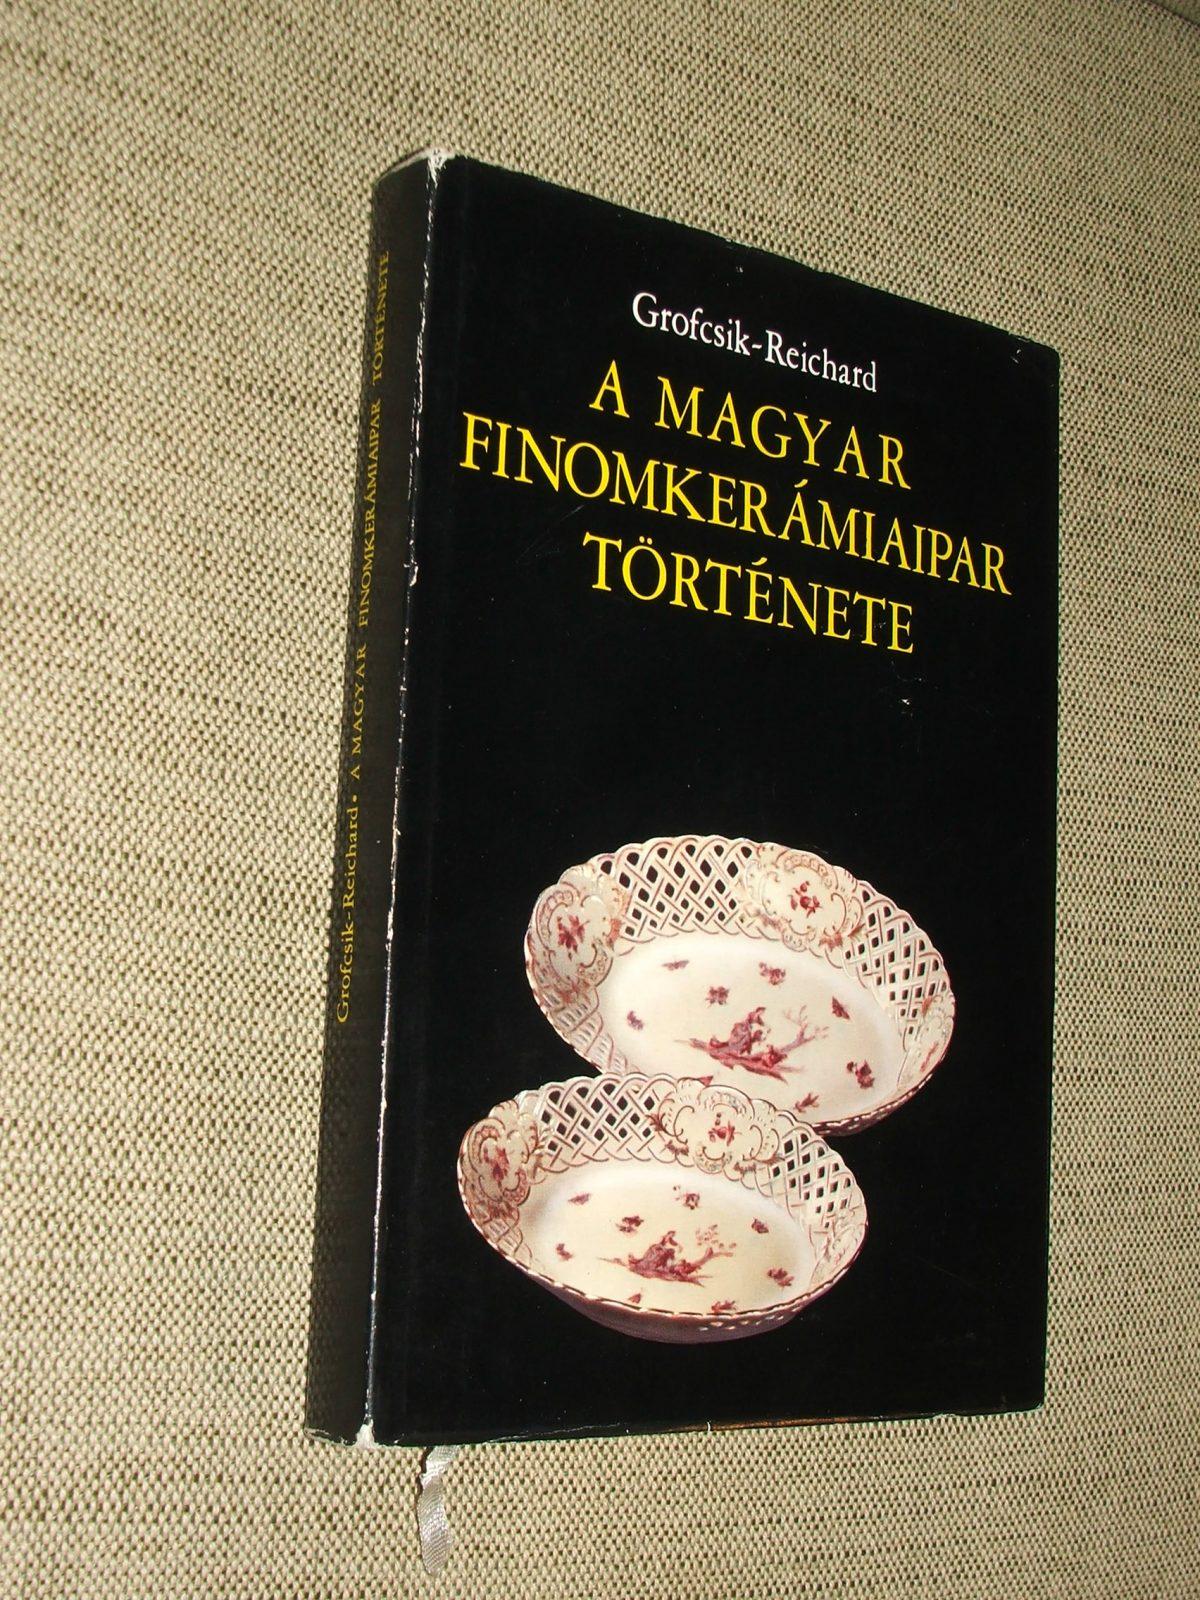 GROFCSIK János – REICHARD Ernő: A magyar finomkerámiaipar története